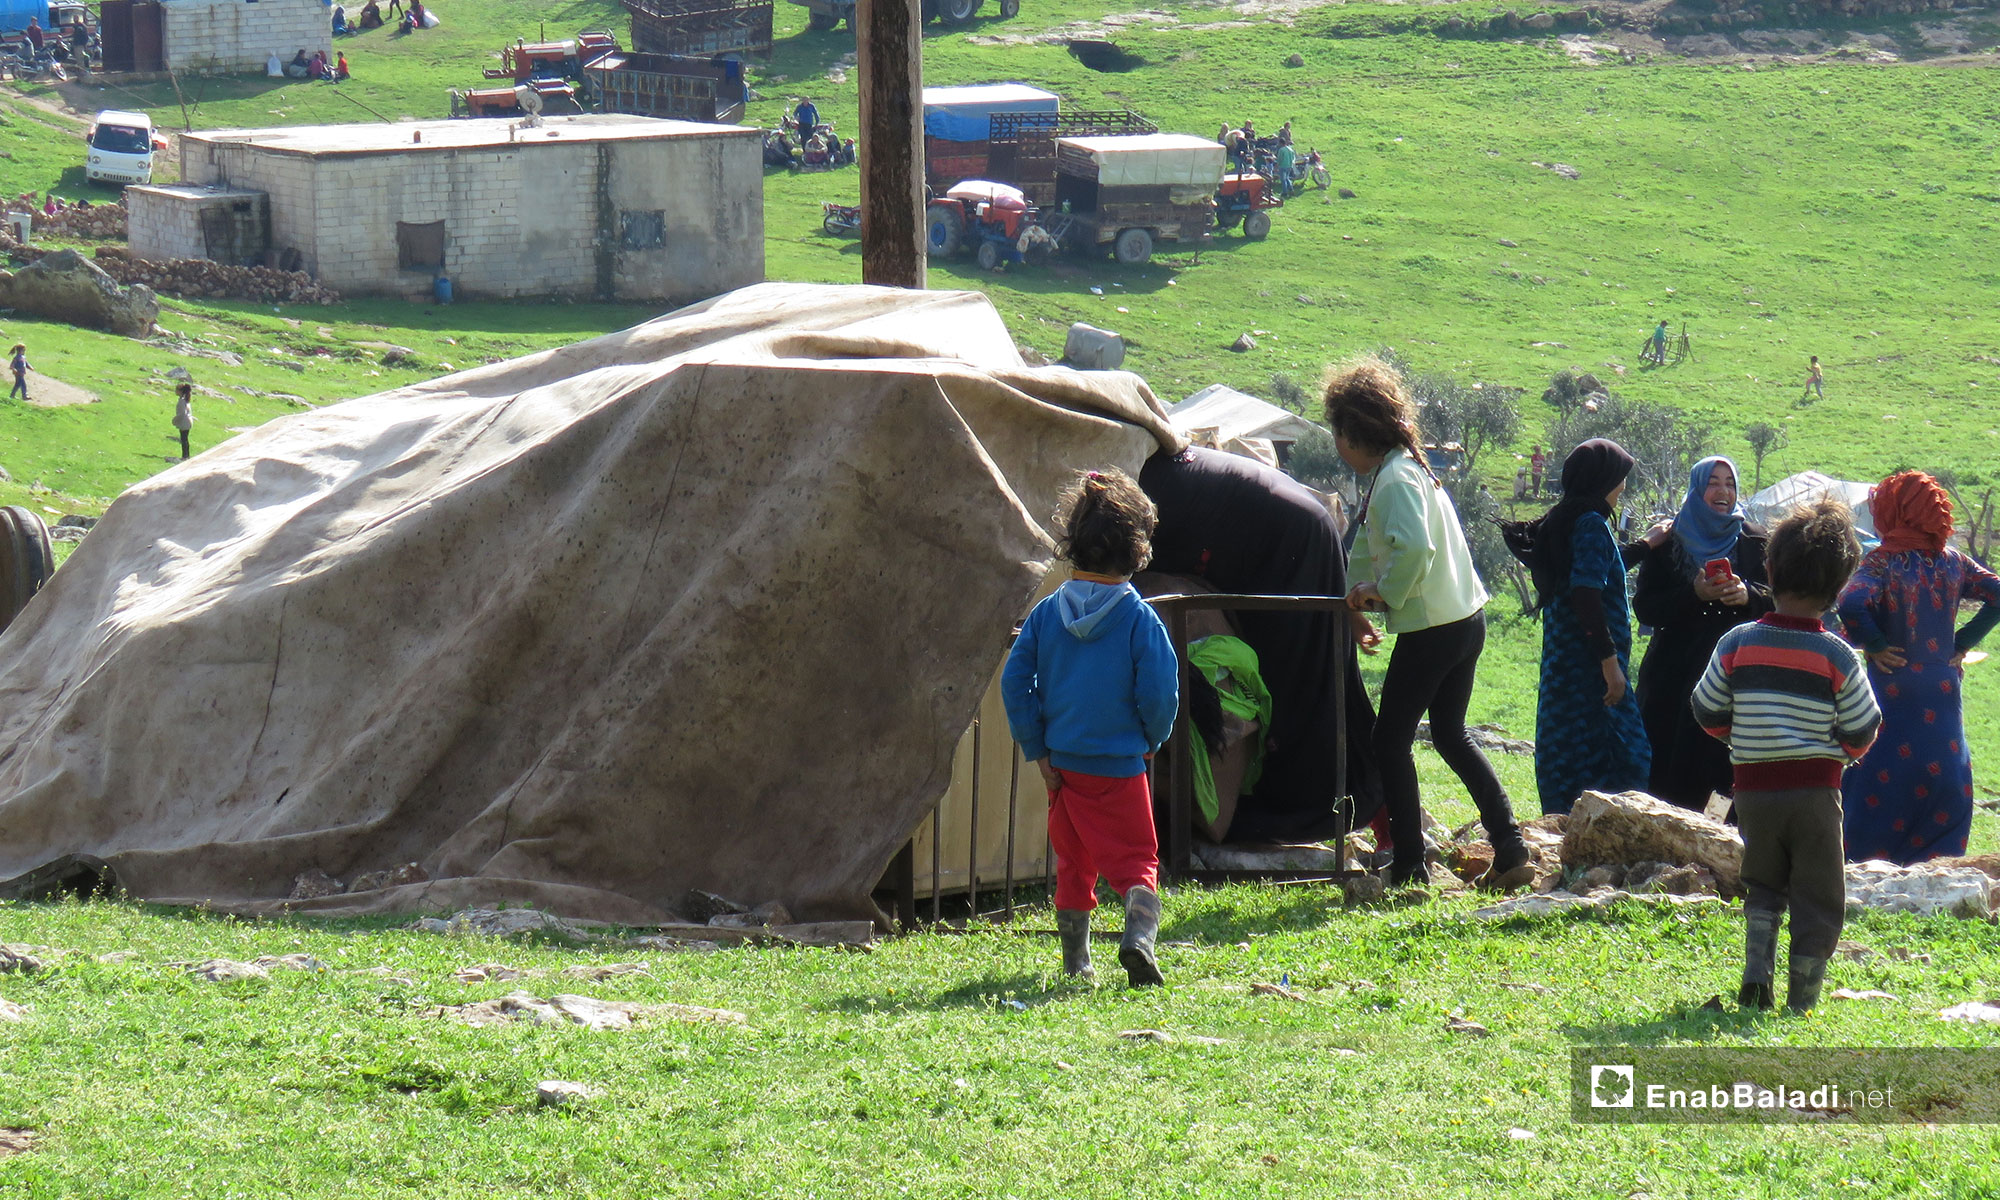 أطفال من قرية الحويز خلال النزوح إلى قرية شير المغاور  تحت حماية القاعدة التركية في سهل الغاب - 18 من آذار 2019 (عنب بلدي)